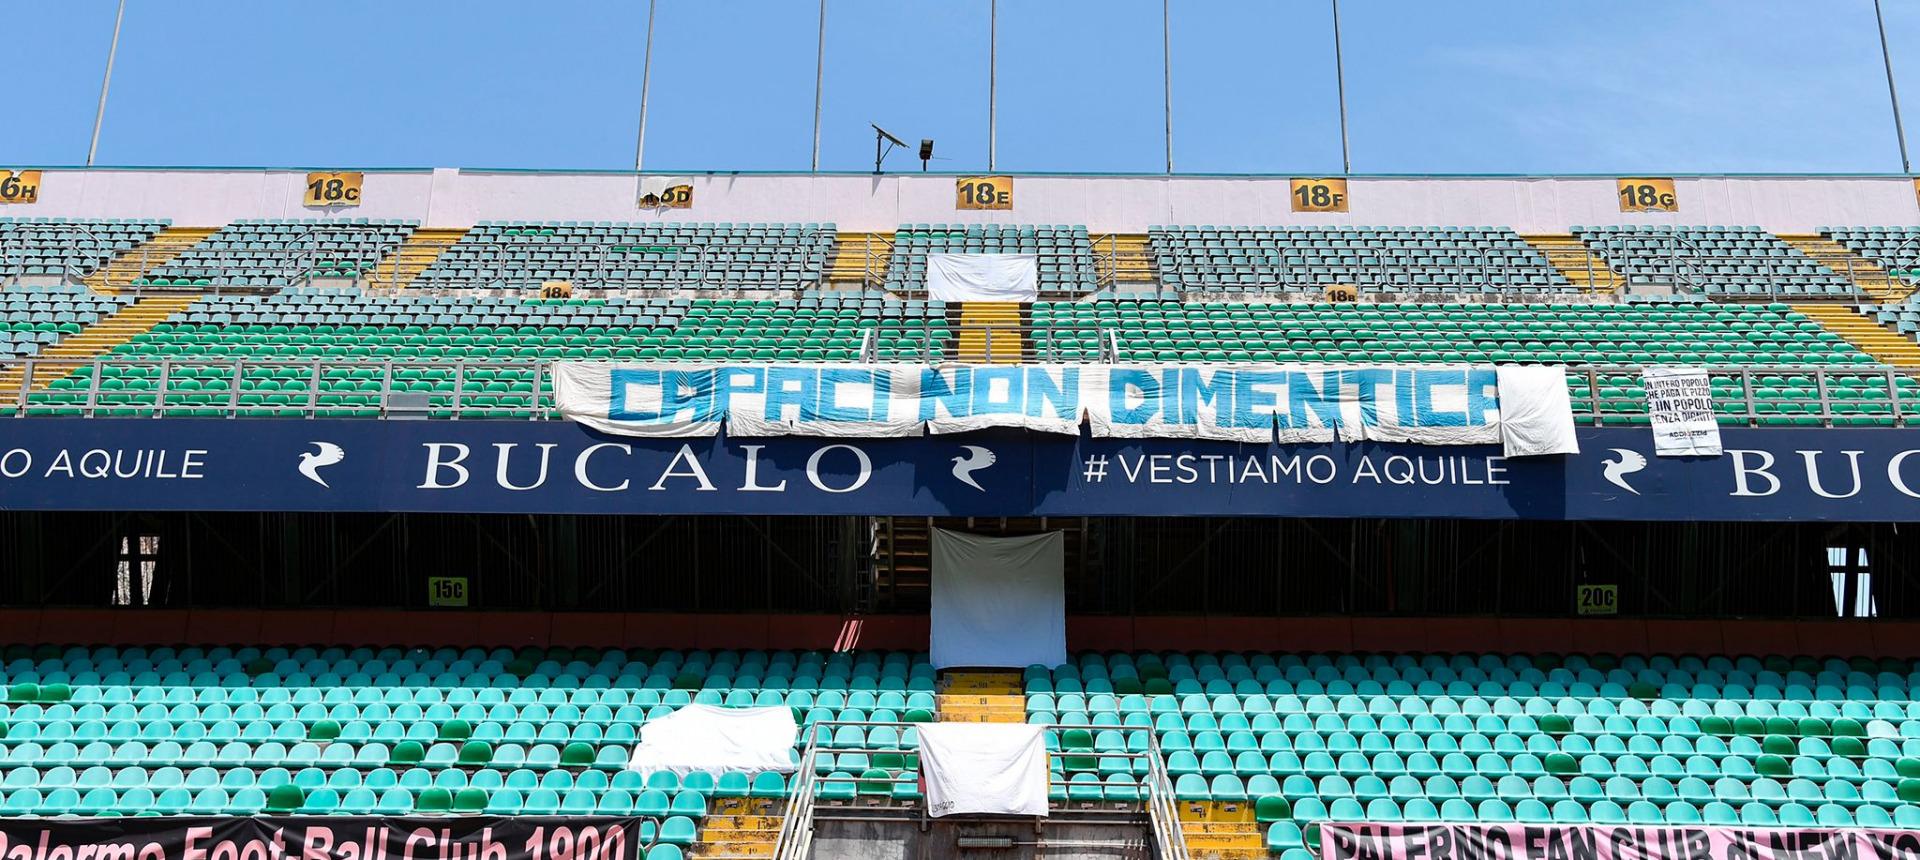 Palermo FC e Addiopizzo insieme: lenzuoli sugli spalti per commemorare la strage di Capaci